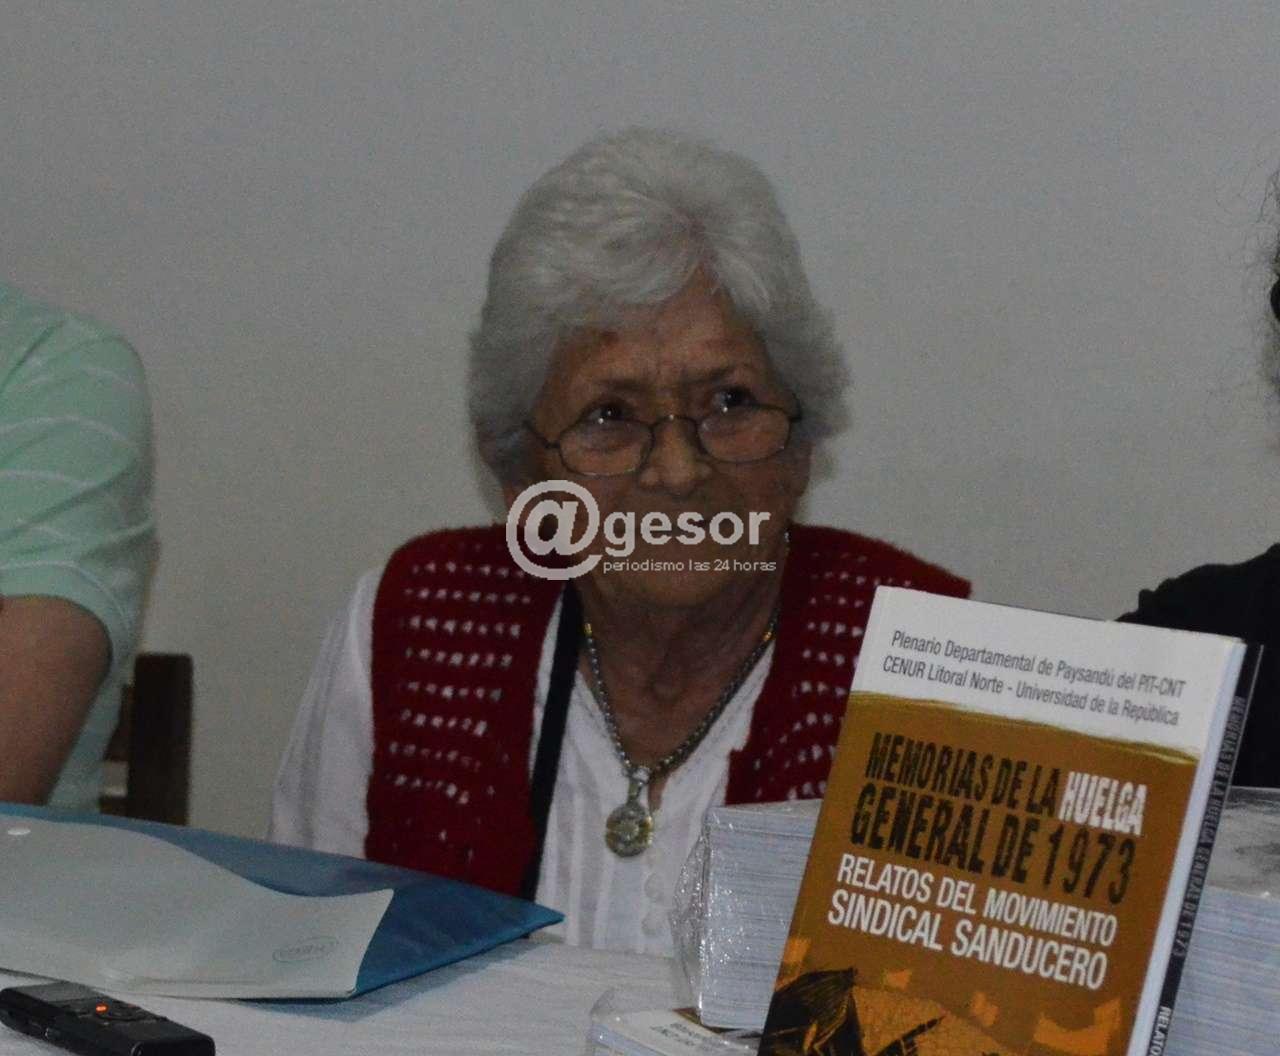 El golpe de Estado de 1973 desde la visión de una enfermera. Una trabajadora común de Paysandú, que como muchas en todo el país soportó y se resistió al gobierno de facto.